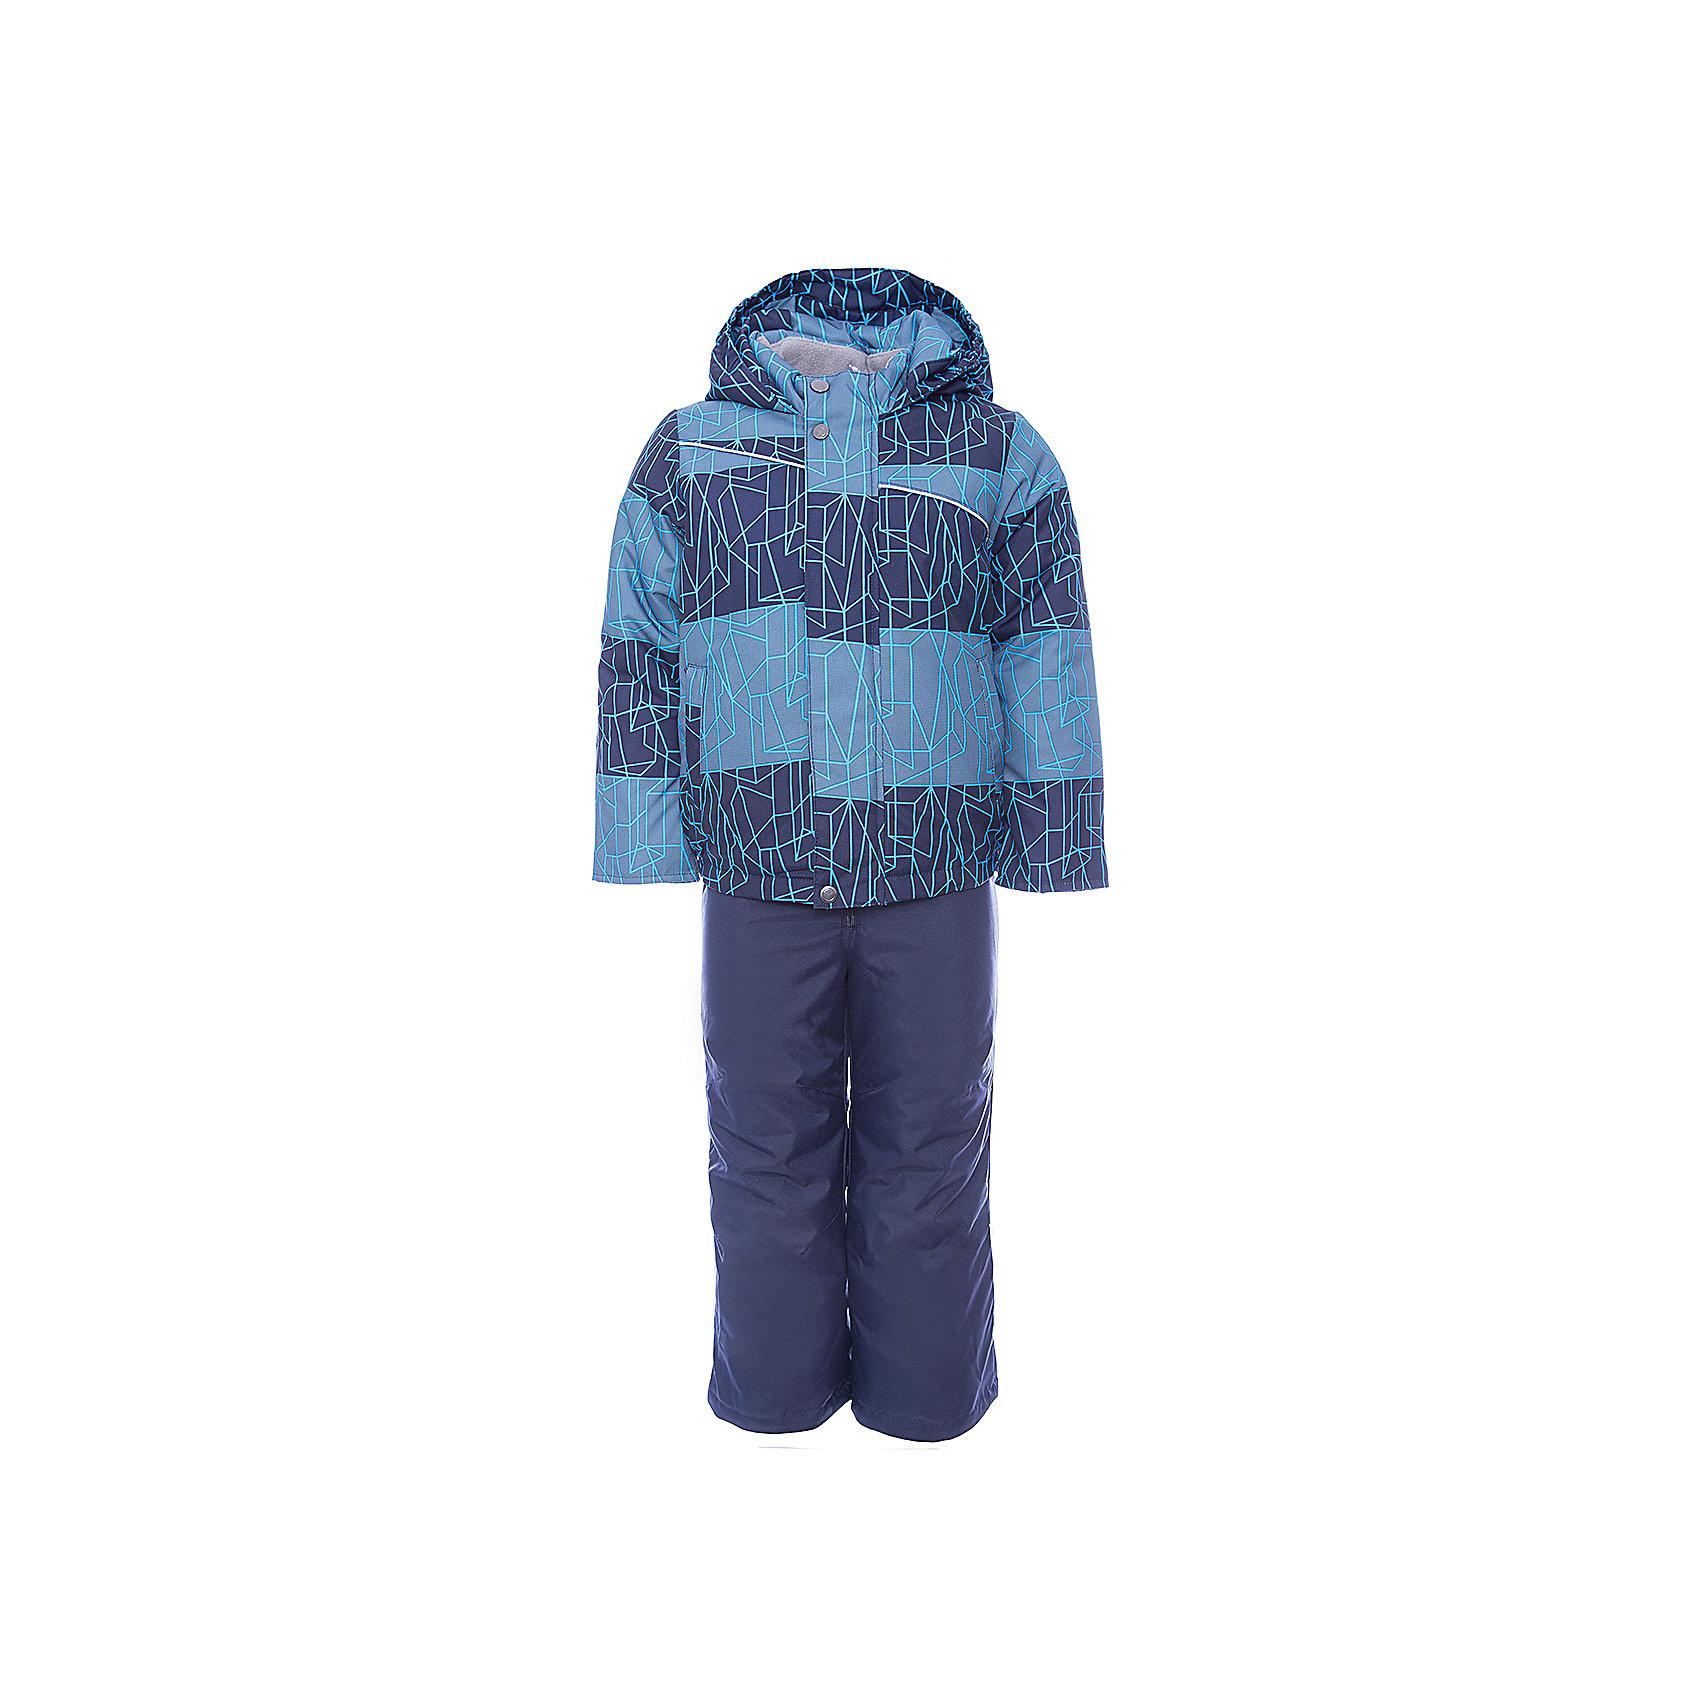 Комплект: куртка и полукомбинезон Сэм OLDOS для мальчикаВерхняя одежда<br>Характеристики товара:<br><br>• цвет: голубой<br>• комплектация: куртка и полукомбинезон<br>• состав ткани: полиэстер<br>• подкладка: флис<br>• утеплитель: Hollofan <br>• сезон: зима<br>• мембранное покрытие<br>• температурный режим: от -30 до 0<br>• водонепроницаемость: 3000 мм <br>• паропроницаемость: 3000 г/м2<br>• плотность утеплителя: куртка - 300 г/м2, полукомбинезон - 150 г/м2<br>• застежка: молния<br>• капюшон: без меха, несъемный<br>• страна бренда: Россия<br>• страна изготовитель: Россия<br><br>Прочное покрытие такого детского комплекта - это защита от воды и грязи, износостойкость, за ним легко ухаживать. Зимний комплект для мальчика дополнен элементами для удобства ребенка: воротник-стойка, двойная ветрозащитная планка с защитой подбородка. Зимний комплект от бренда Oldos разработан специально для детей. <br><br>Комплект: куртка и полукомбинезон Сэм Oldos (Олдос) для мальчика можно купить в нашем интернет-магазине.<br><br>Ширина мм: 356<br>Глубина мм: 10<br>Высота мм: 245<br>Вес г: 519<br>Цвет: голубой<br>Возраст от месяцев: 96<br>Возраст до месяцев: 108<br>Пол: Мужской<br>Возраст: Детский<br>Размер: 134,92,98,104,110,116,122,128<br>SKU: 7016456